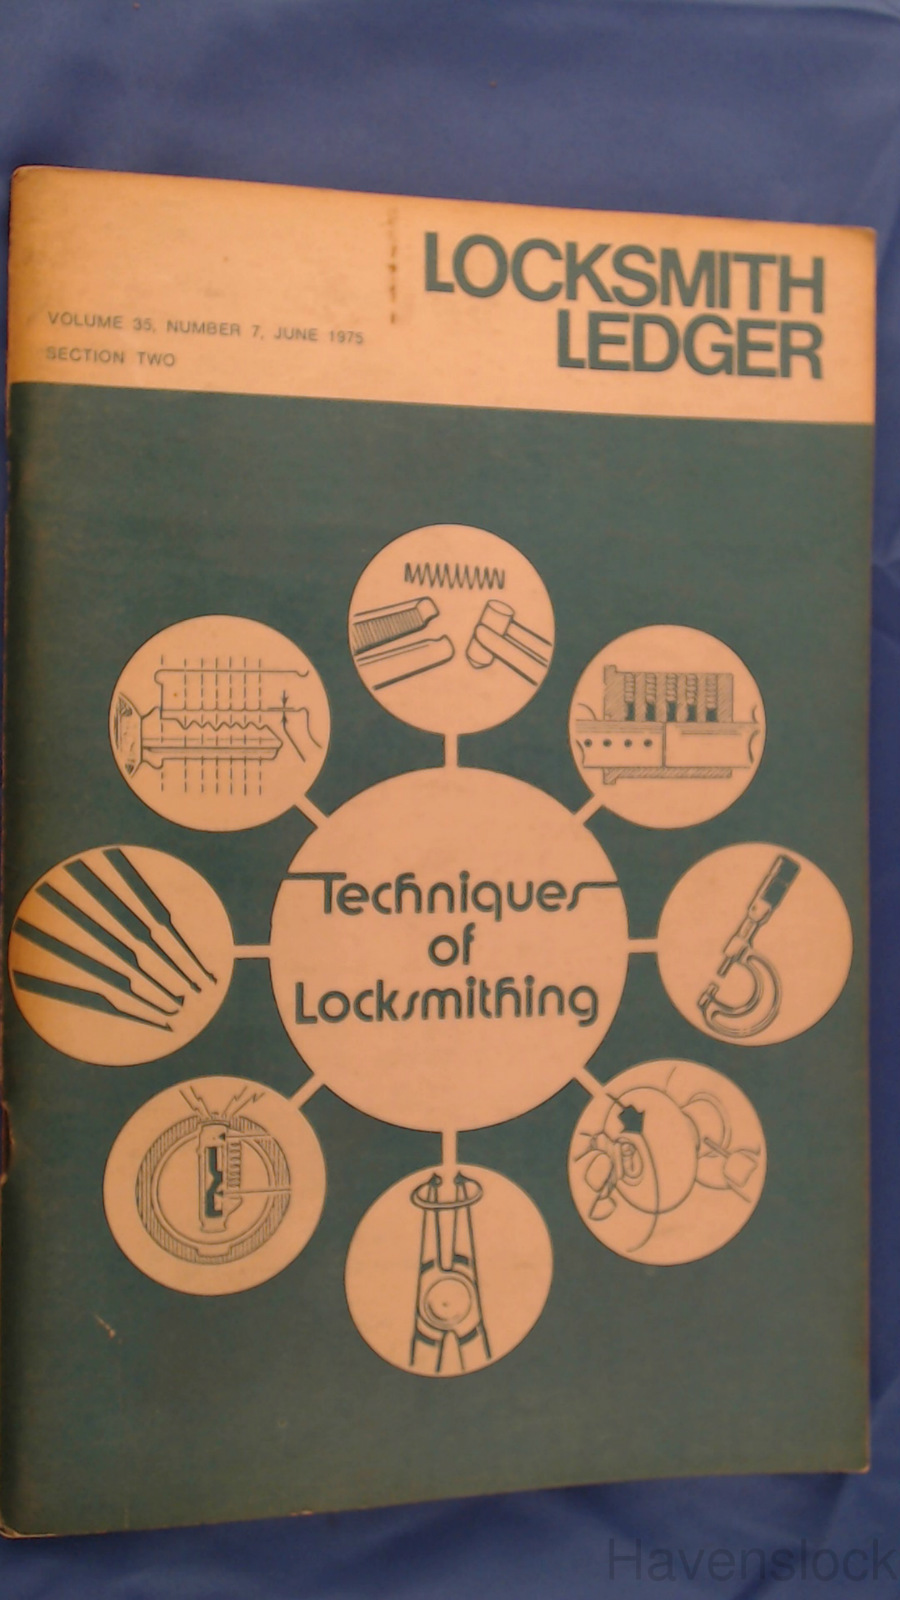 Locksmith Ledger, Vol. 35, No. 7: Techniques of Lo